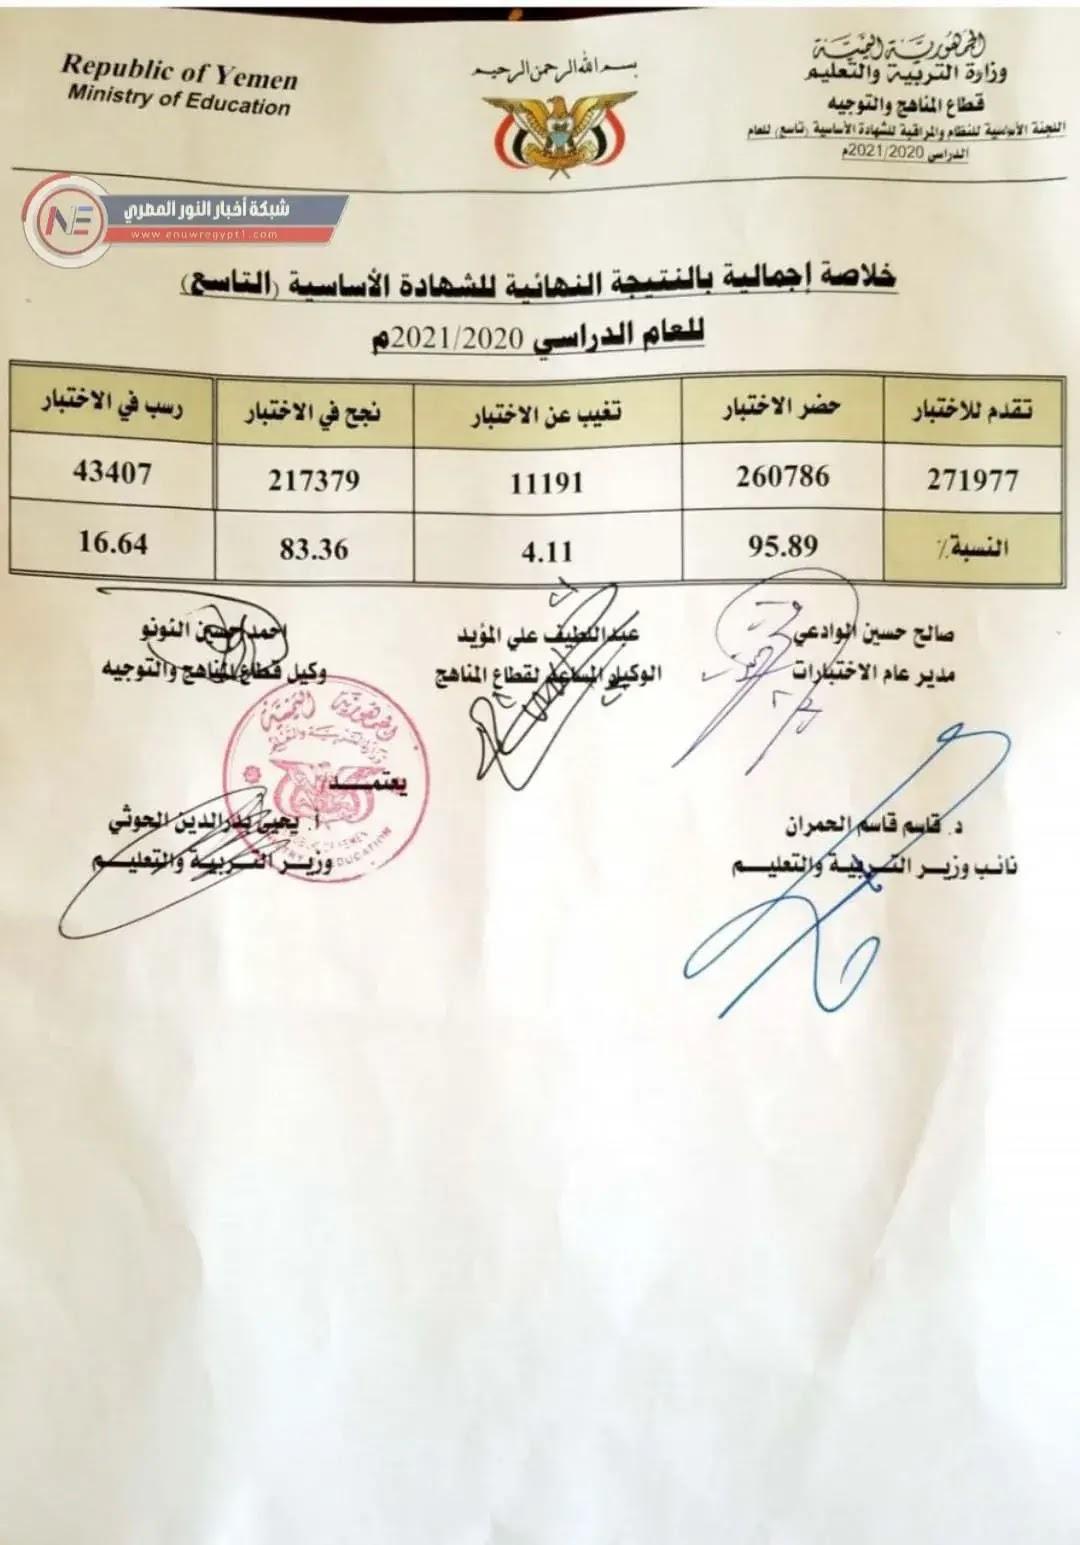 استعلم عنها .. نتائج الصف التاسع الاساسي اليمن 2021 برقم الجلوس   رابط  استخراج نتيجة التاسع والثانوية العامة باليمن عبر موقع وزارة التربية والتعليم اليمنية